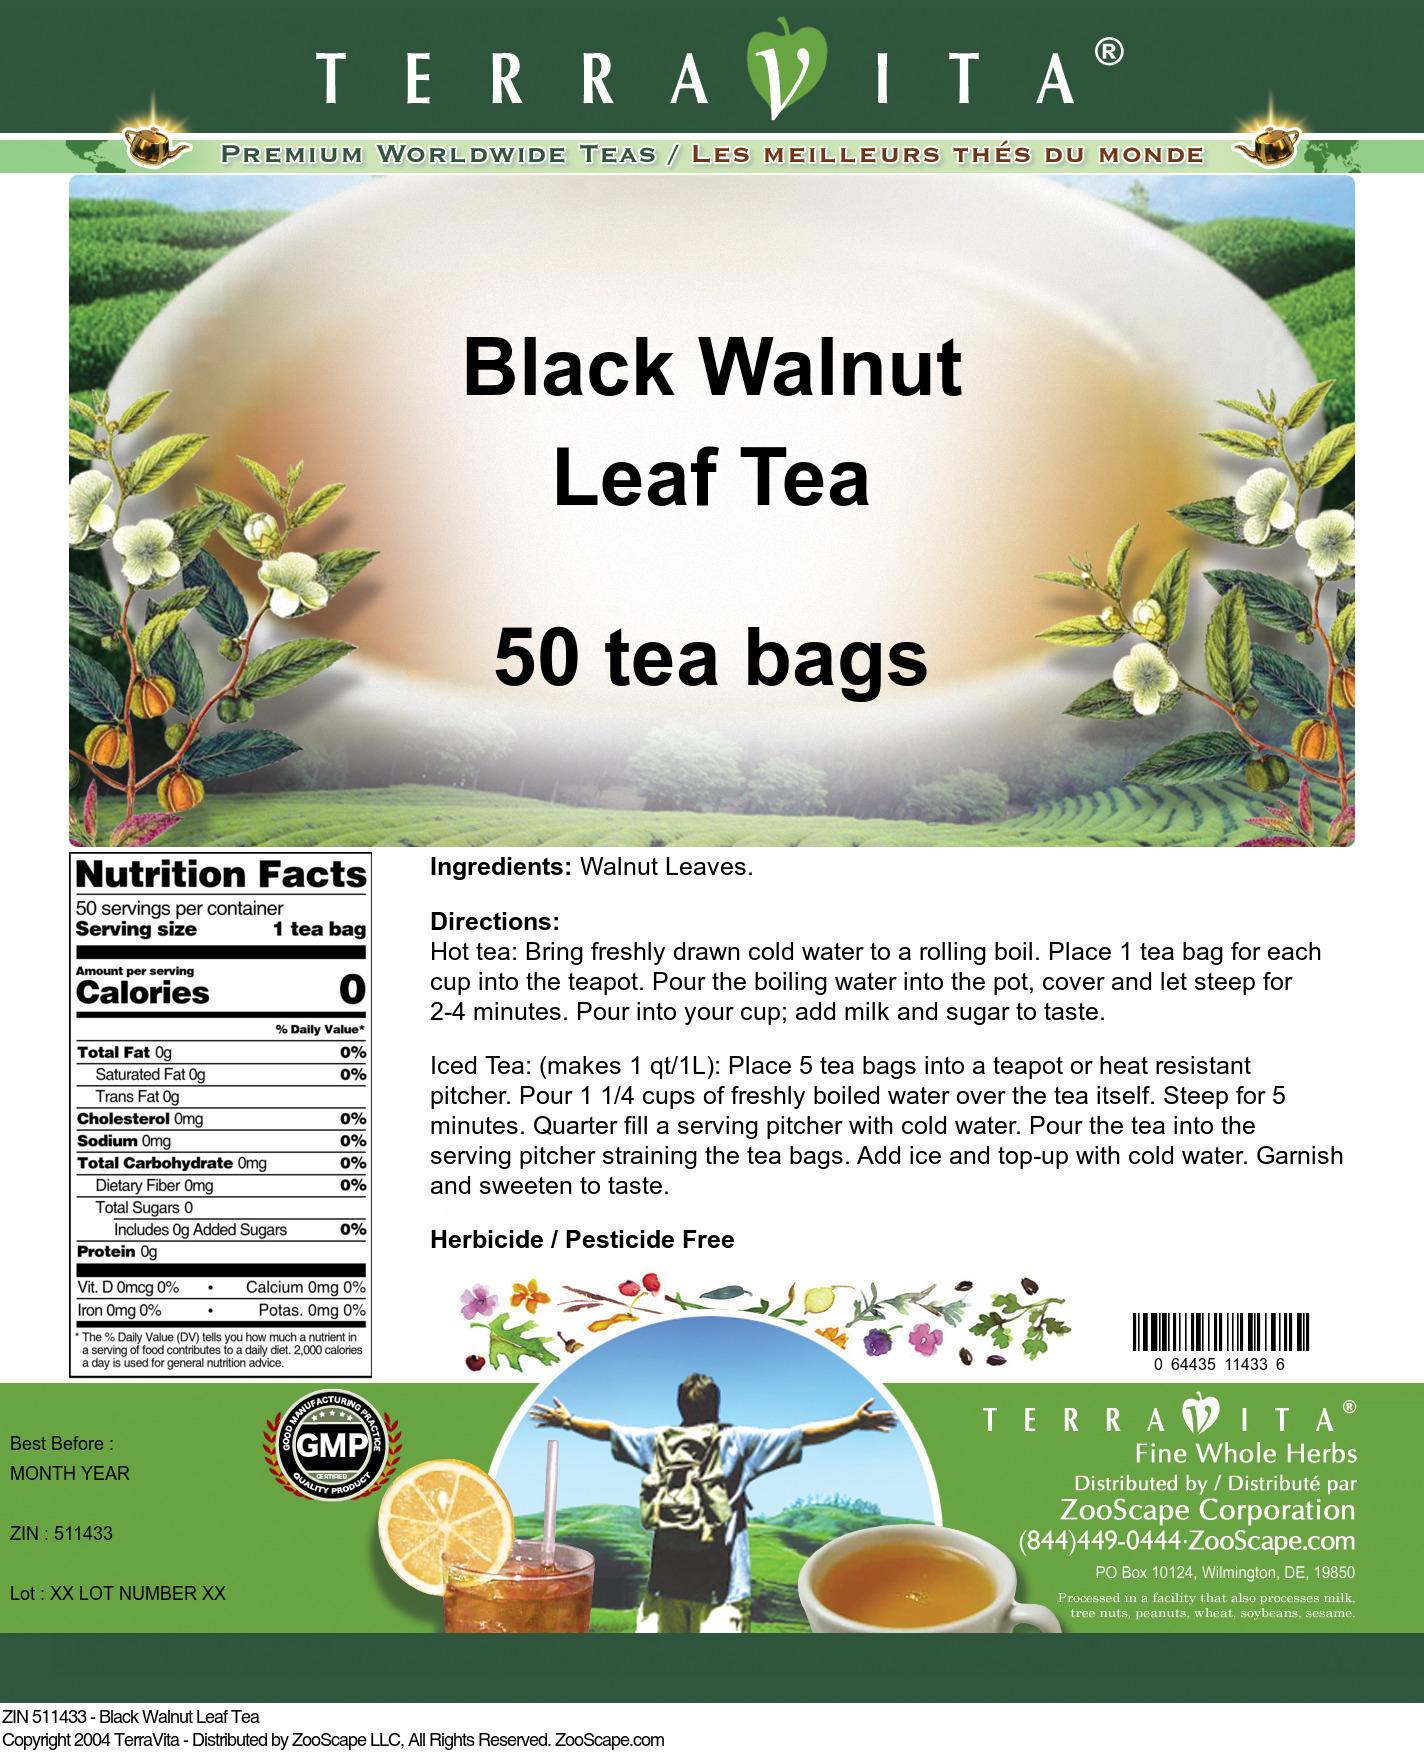 Black Walnut Leaf Tea